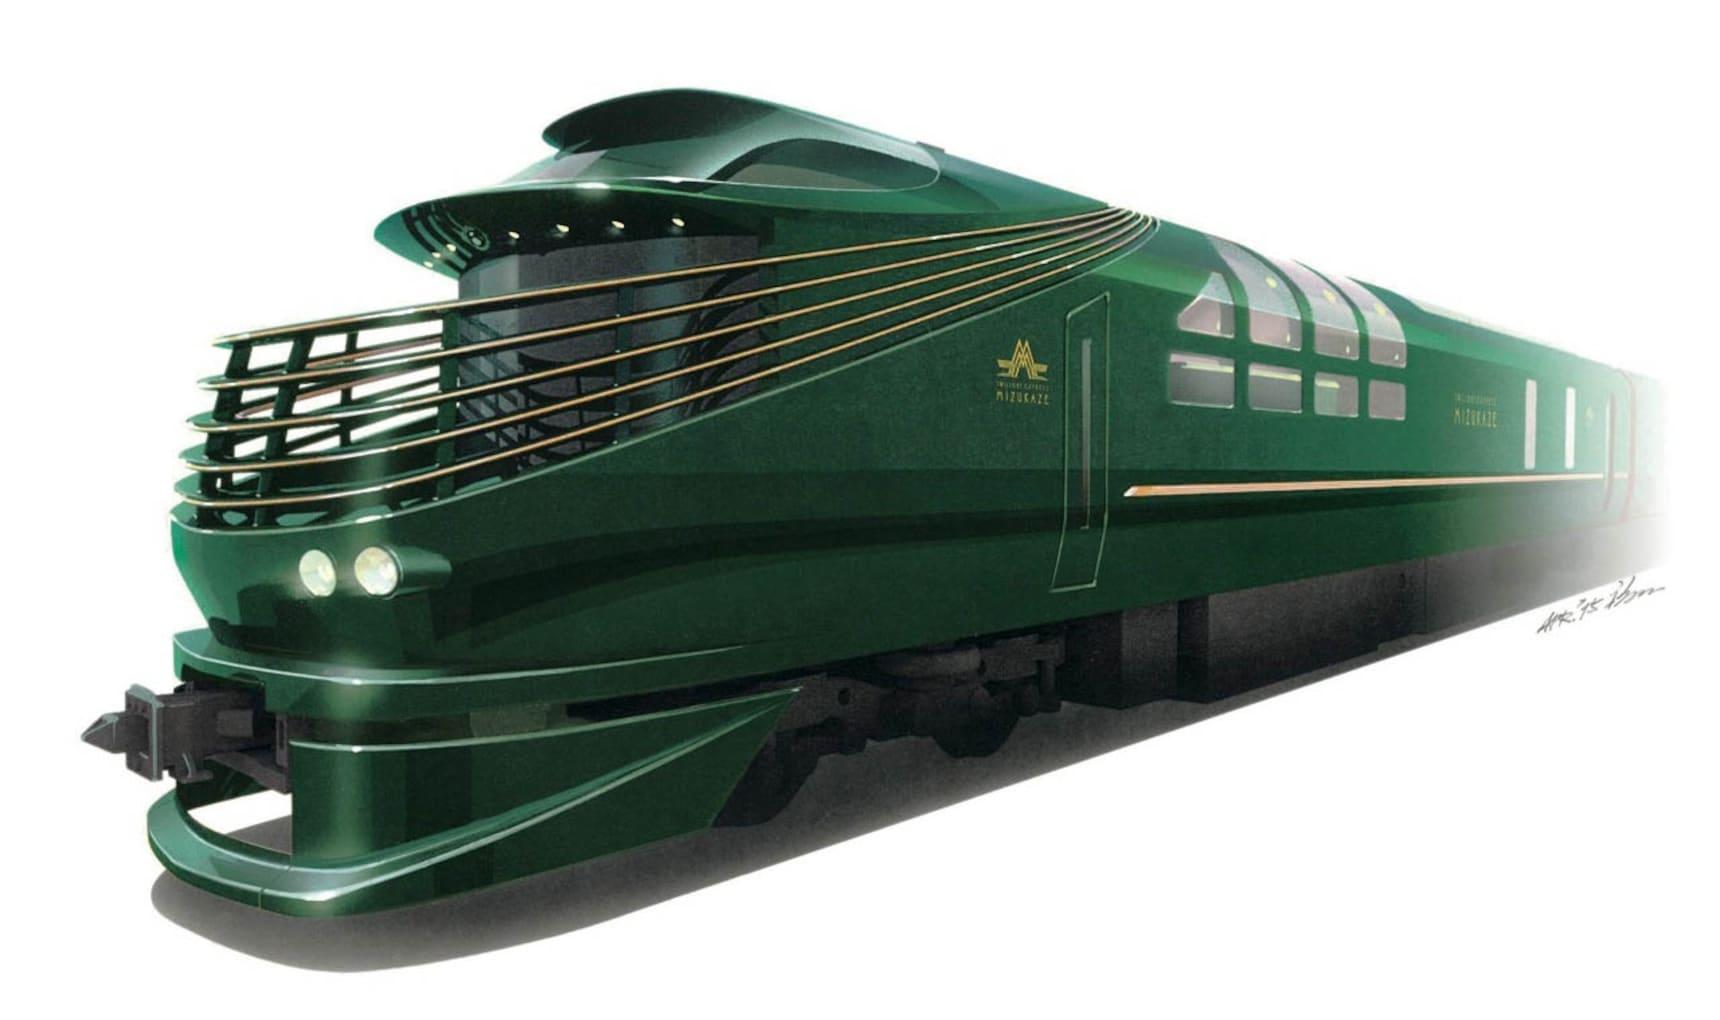 日本自由行新主張,豪華寢台列車「Twilight Express瑞風」開放預約啦!